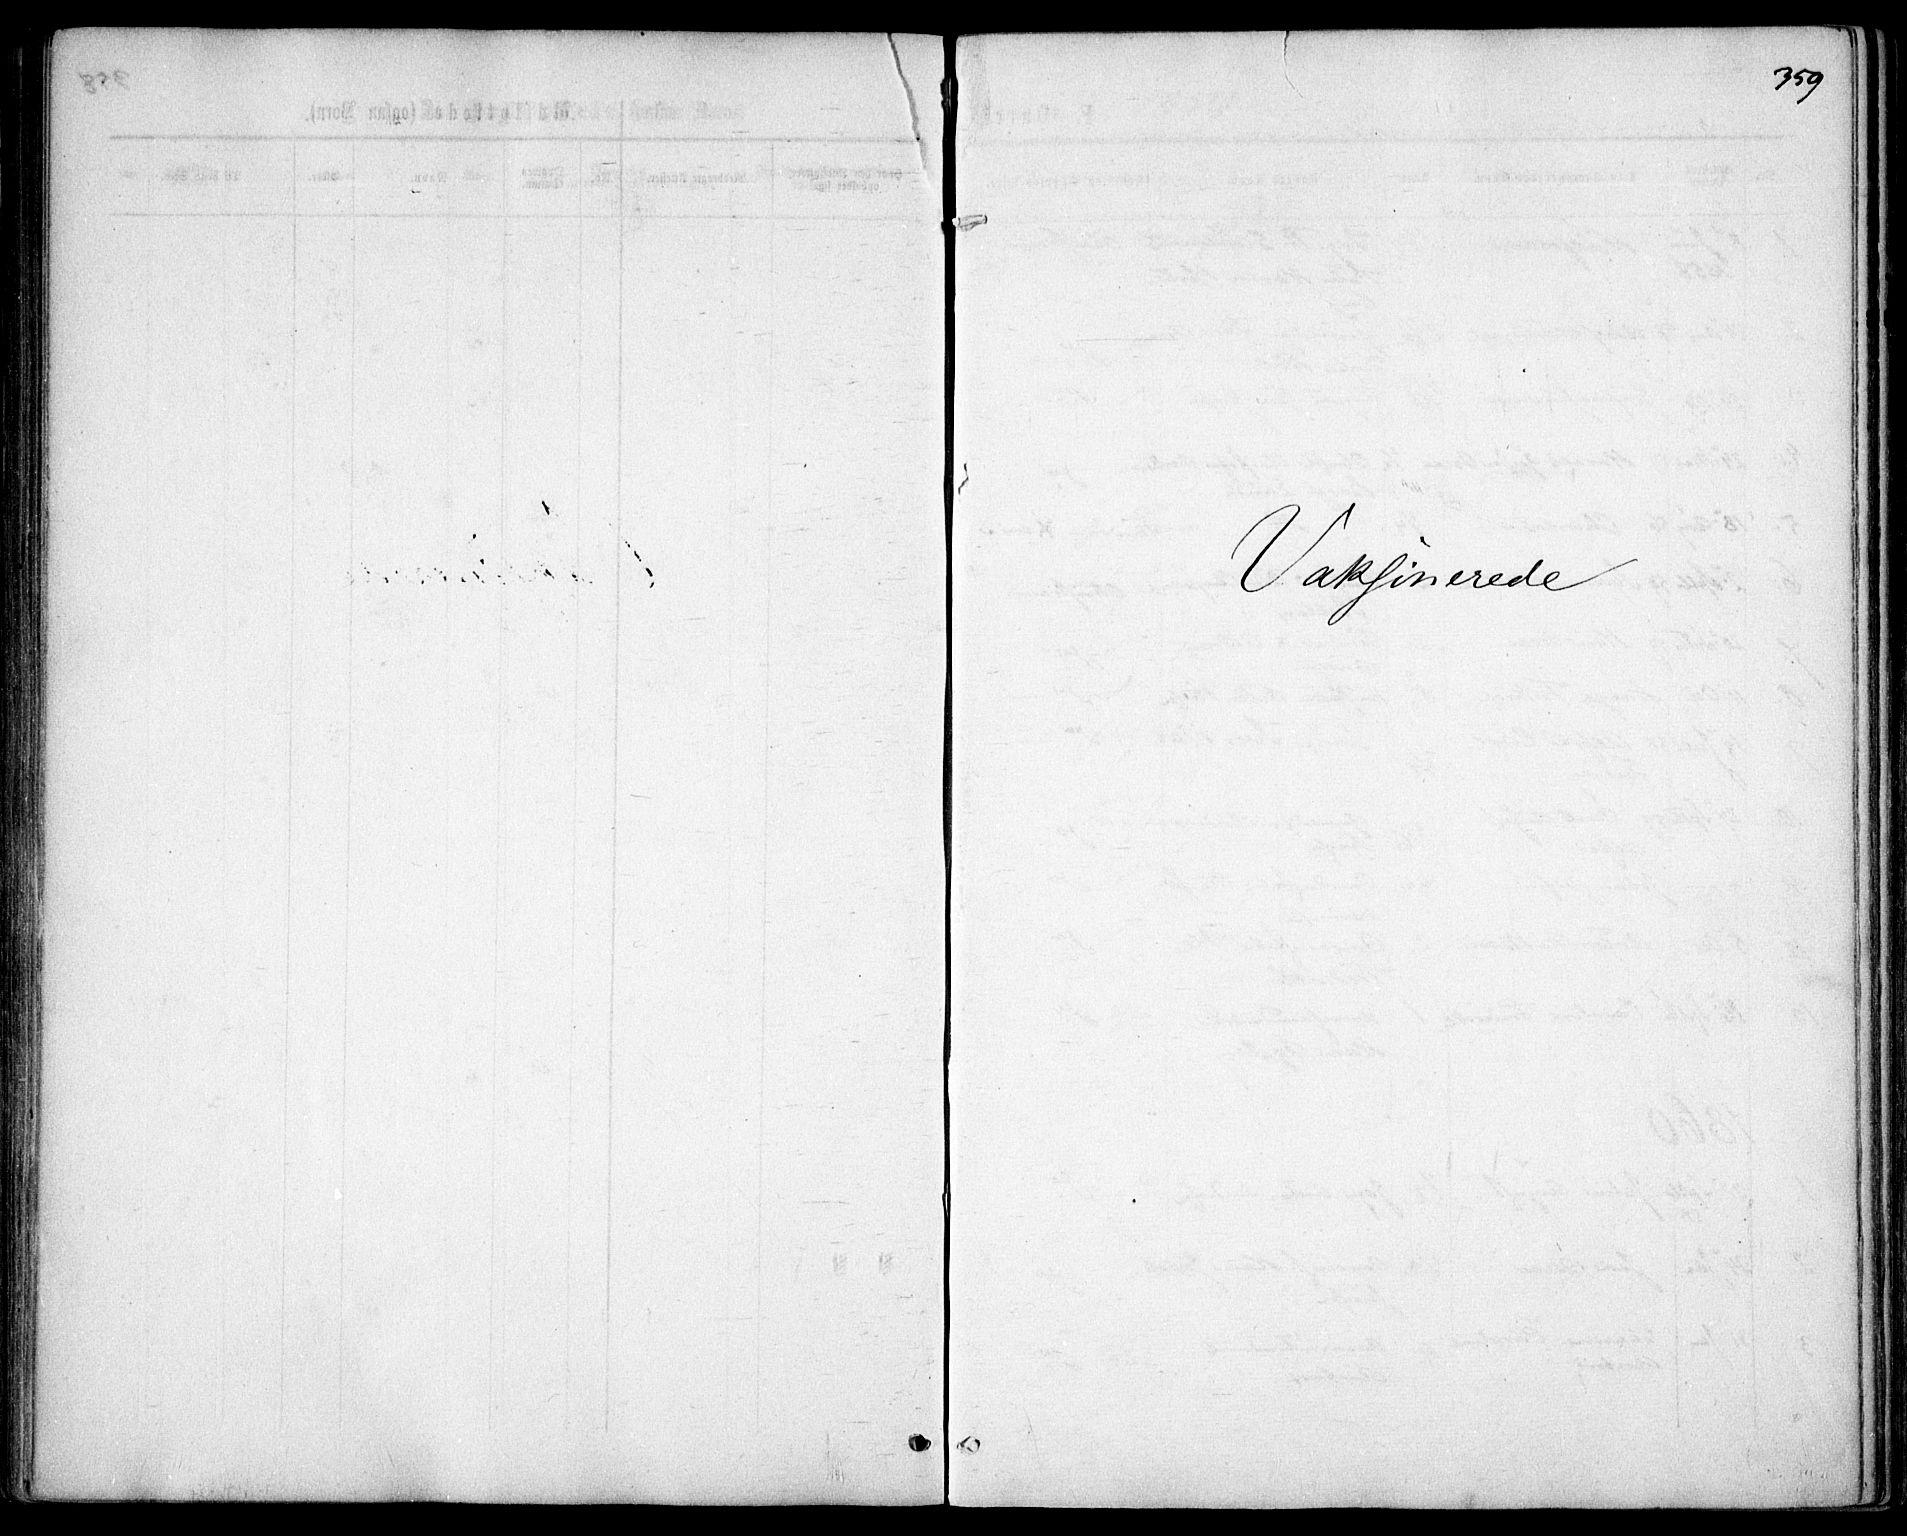 SAO, Garnisonsmenigheten Kirkebøker, F/Fa/L0010: Ministerialbok nr. 10, 1859-1869, s. 359